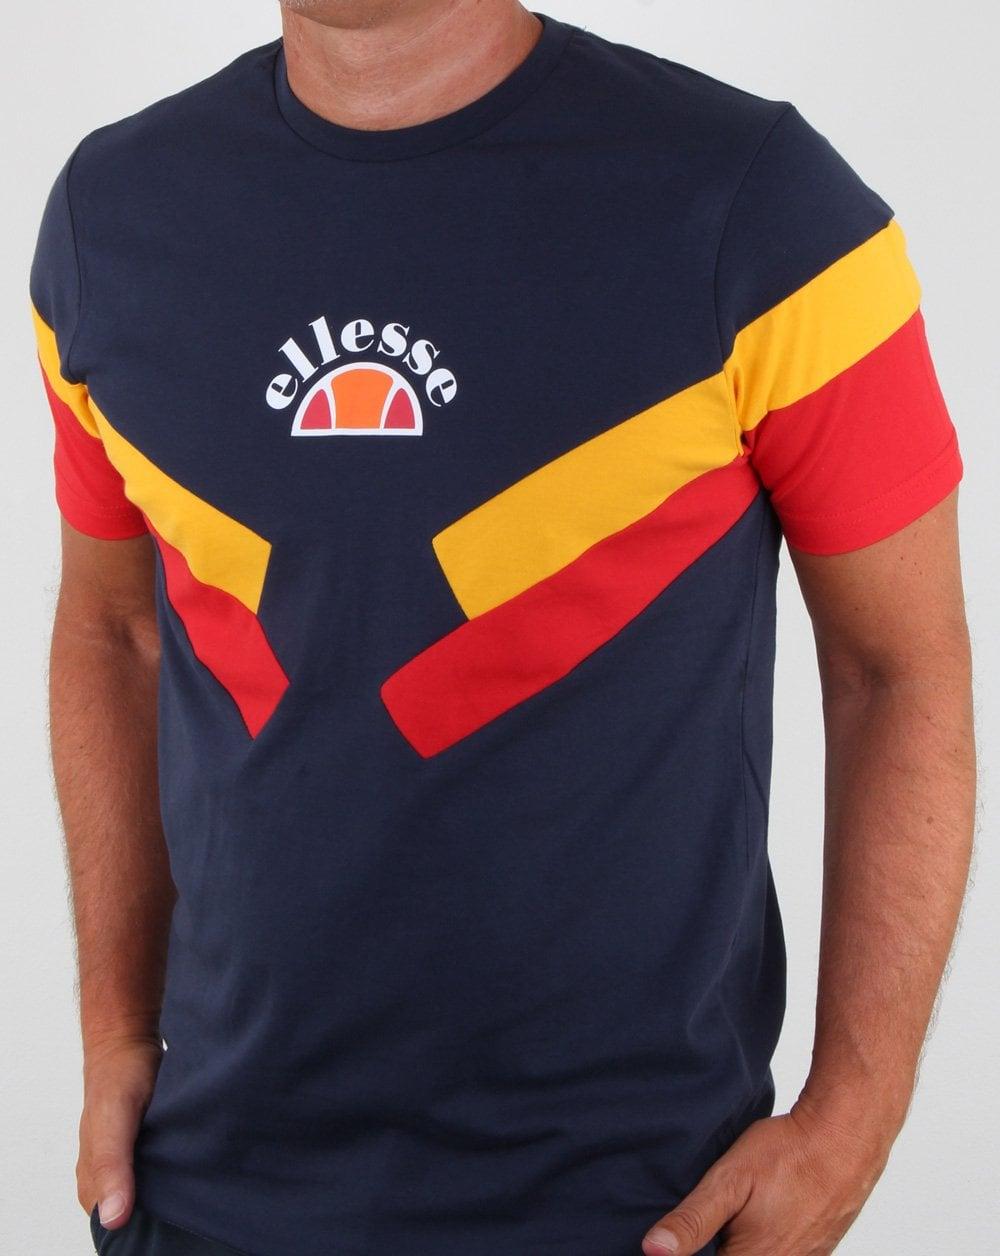 91a8e86a9f Ellesse Terria T Shirt Navy/citrus/red